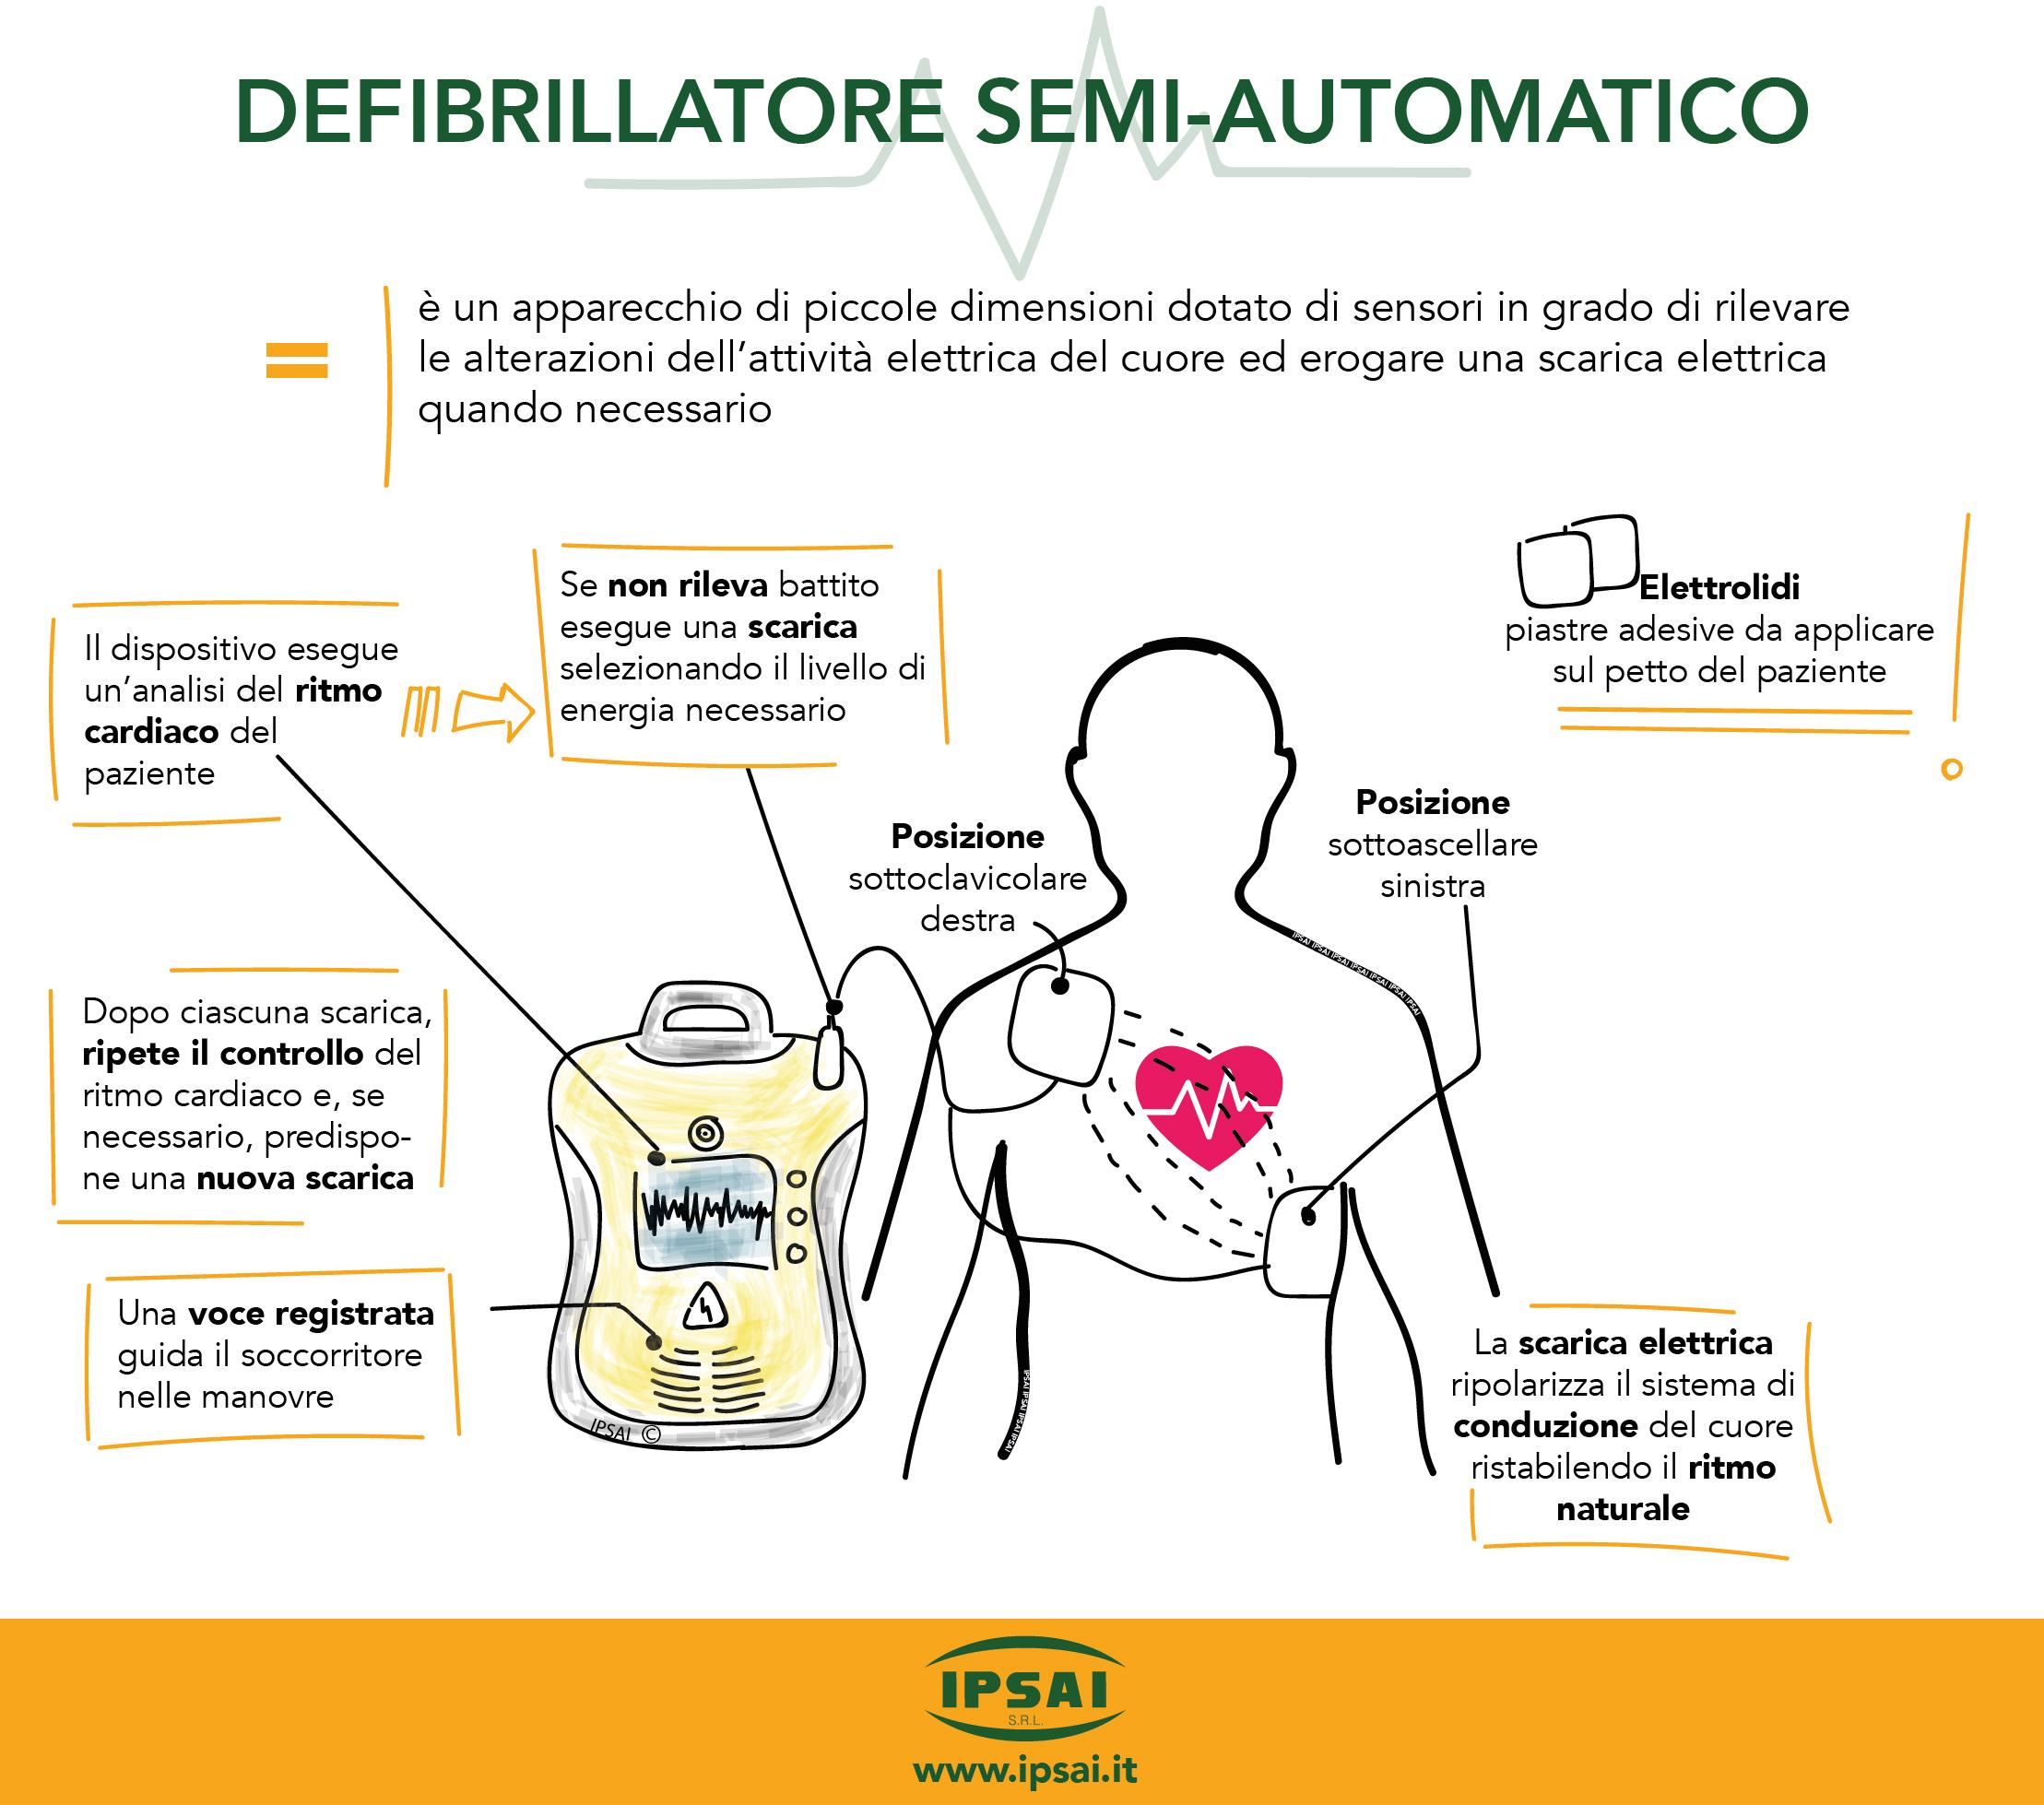 DAE - Defibrillatori Semiautomatici Esterni